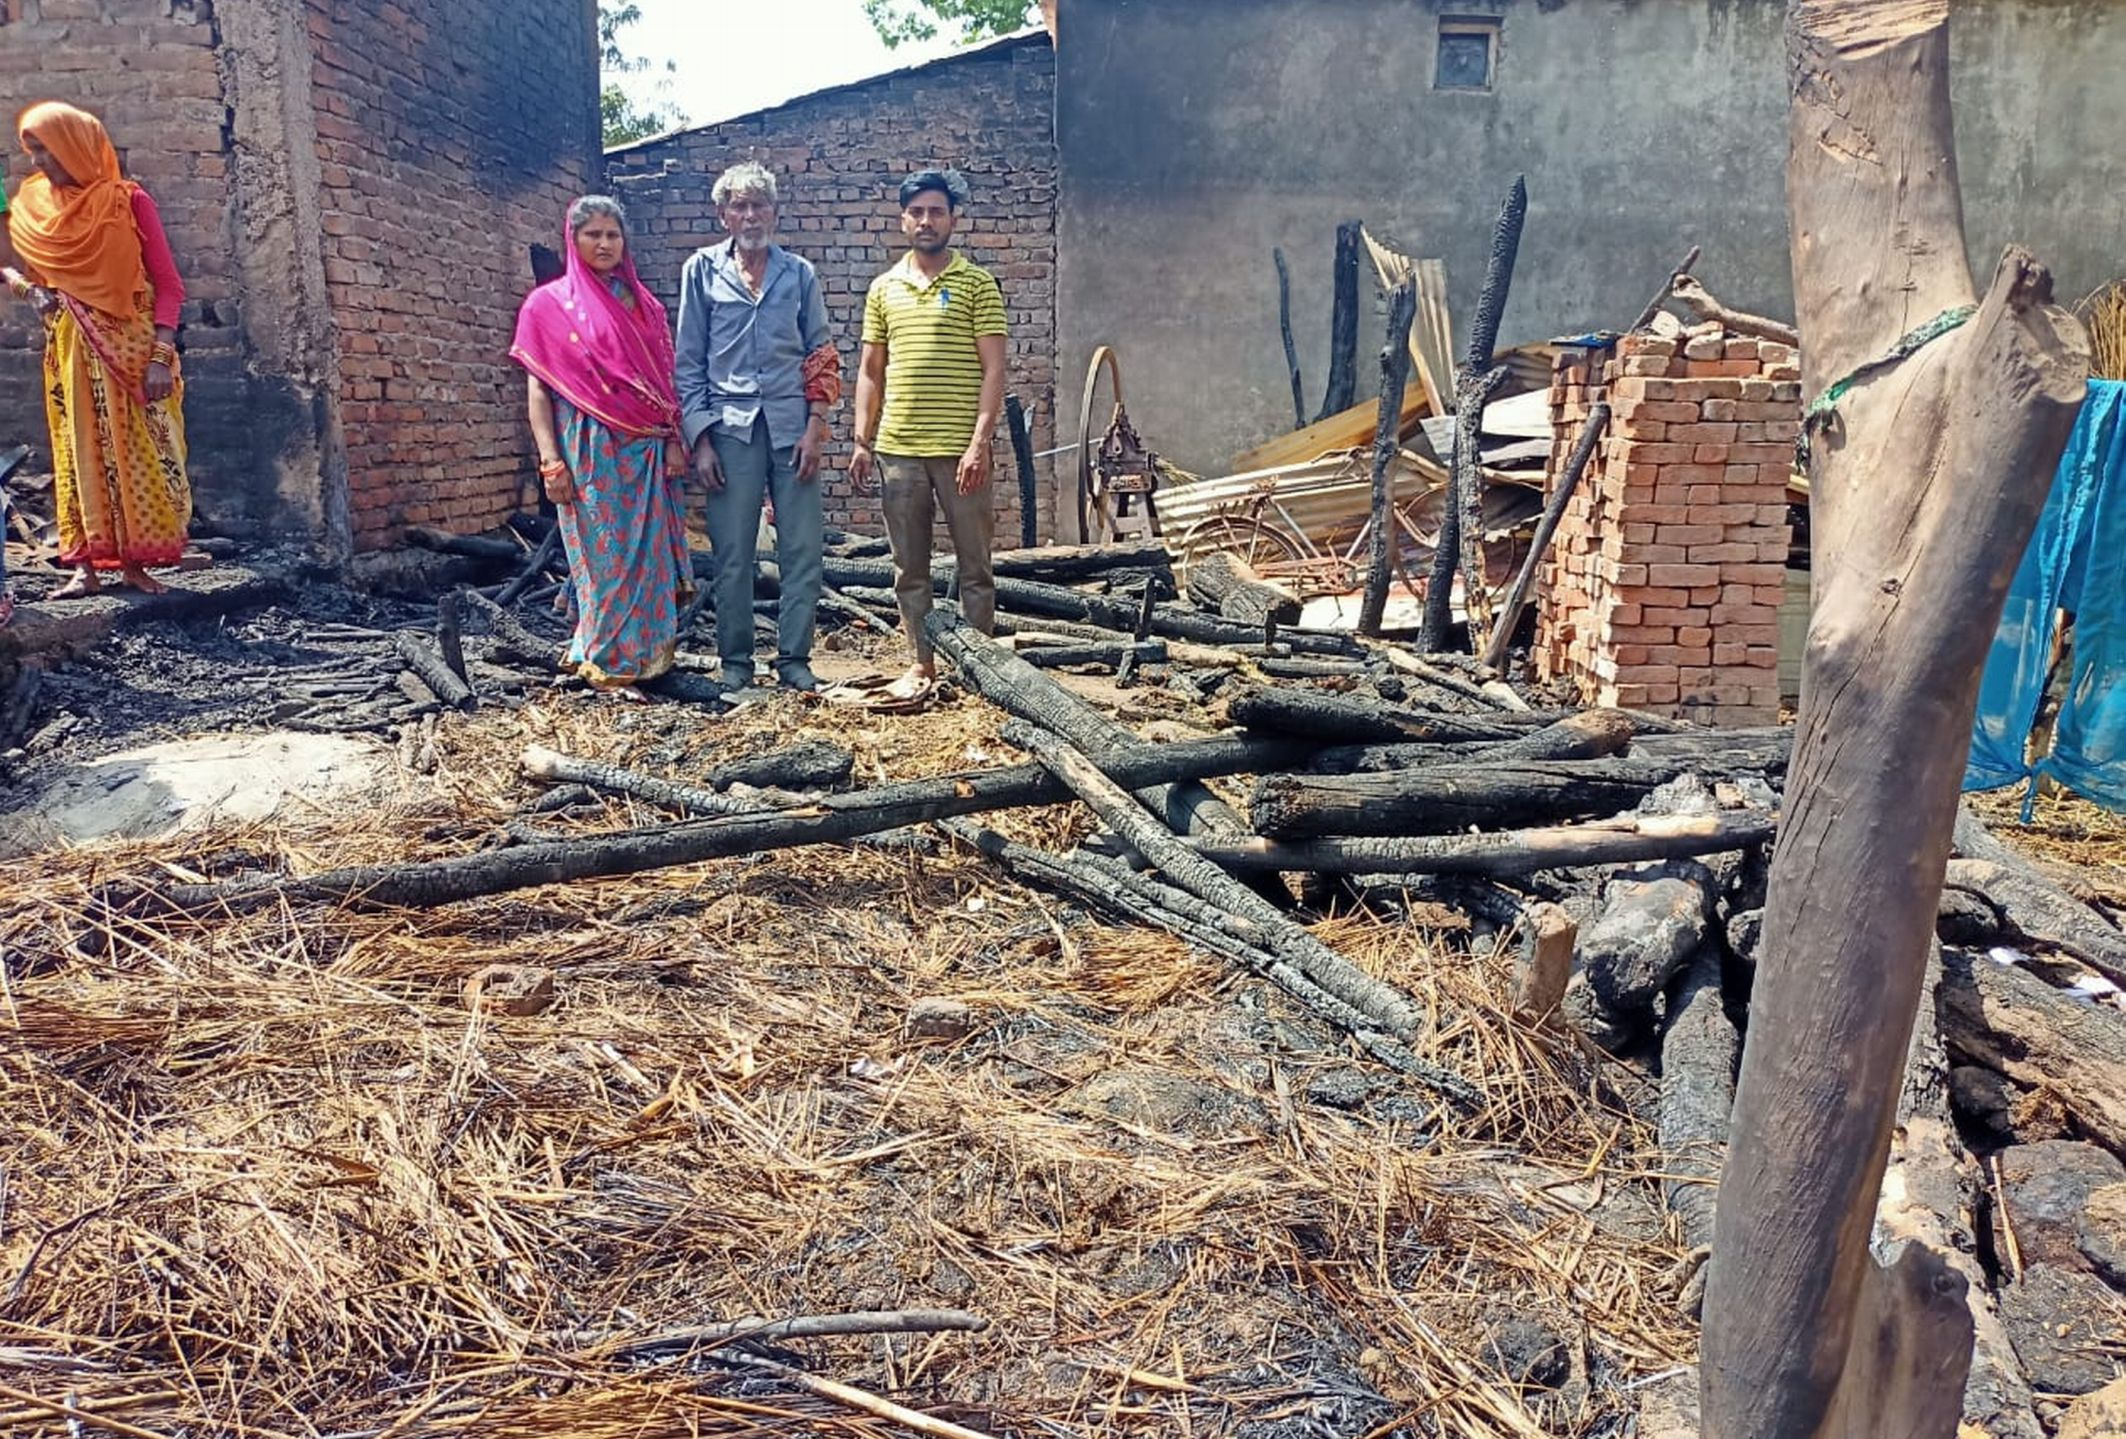 सितारगंज गोठा गांव में आग से राख झोपड़ी दिखाता परिवार।